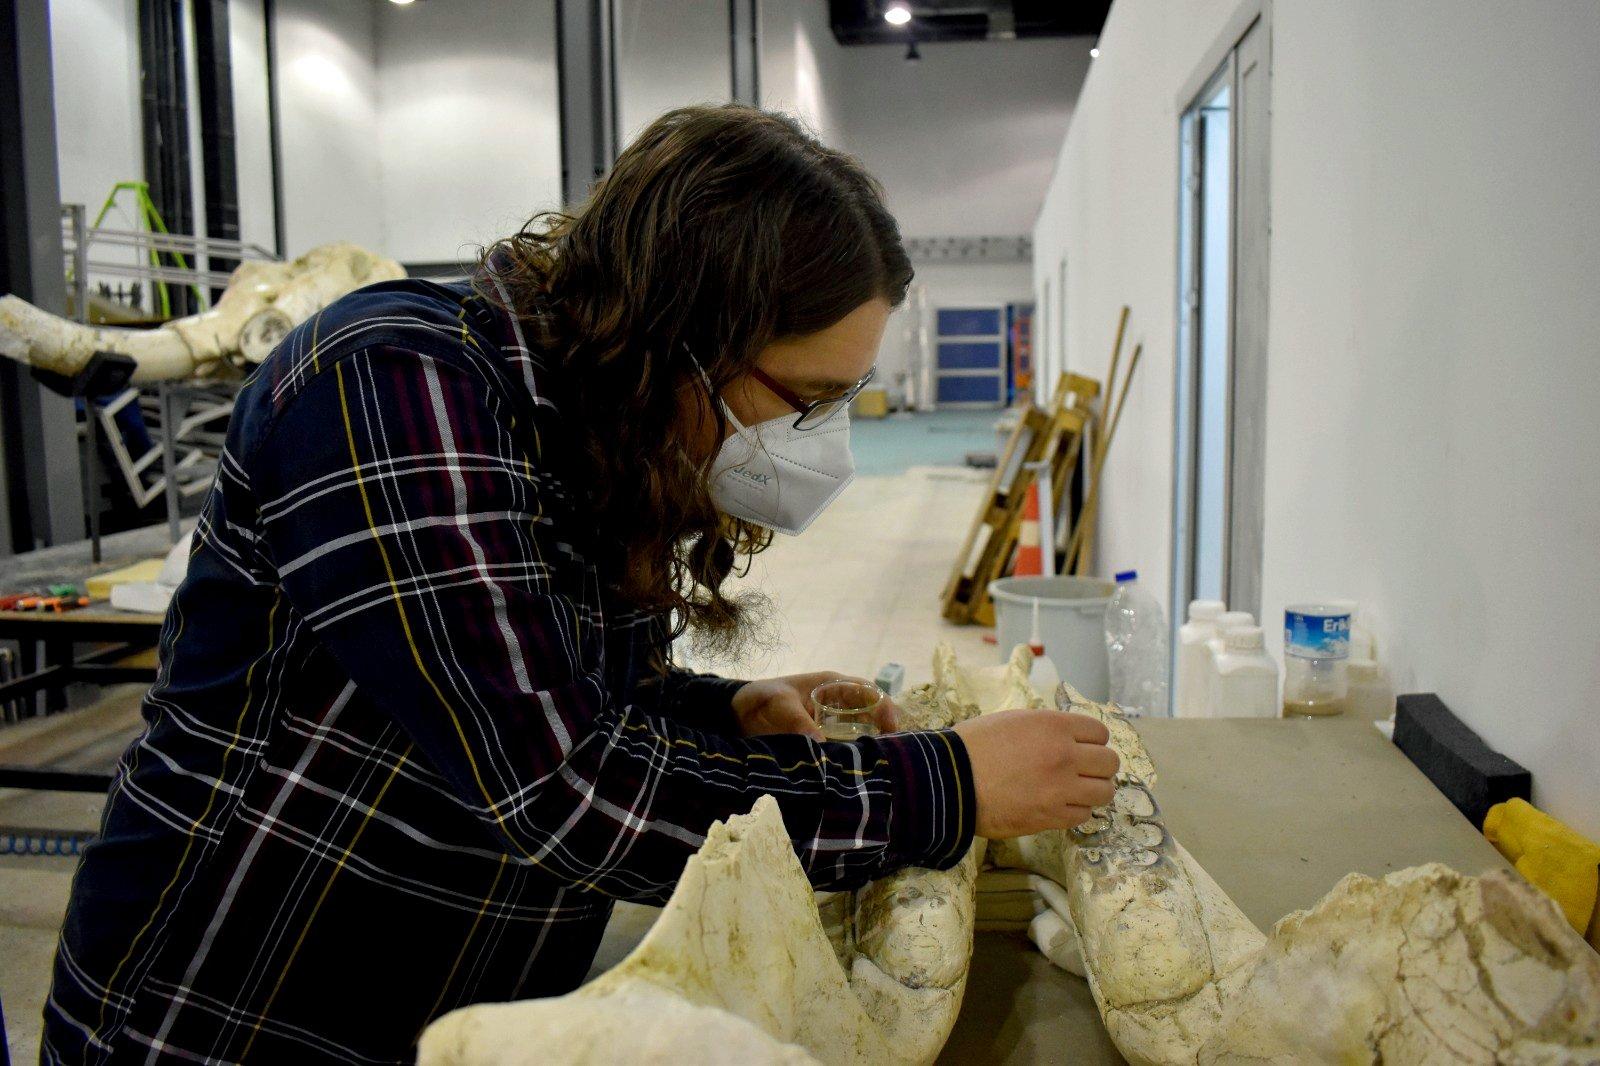 Juha Saarinen works on the elephant skull, Kayseri, central Turkey, March 11, 2021. (AA Photo)